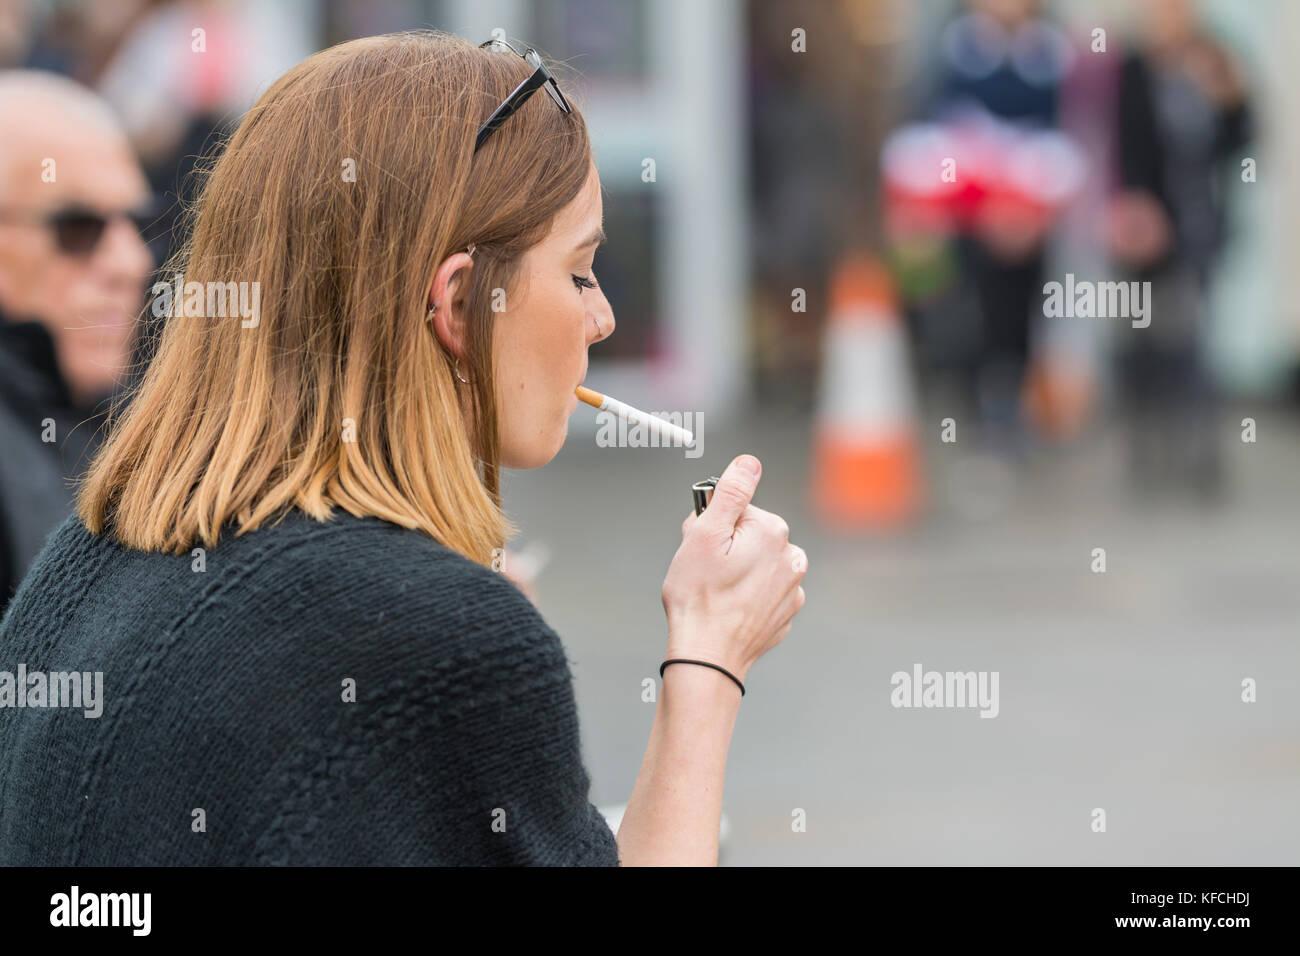 Junge Frau eine Zigarette in Großbritannien. Ungesunde Lebensweise. Stockbild